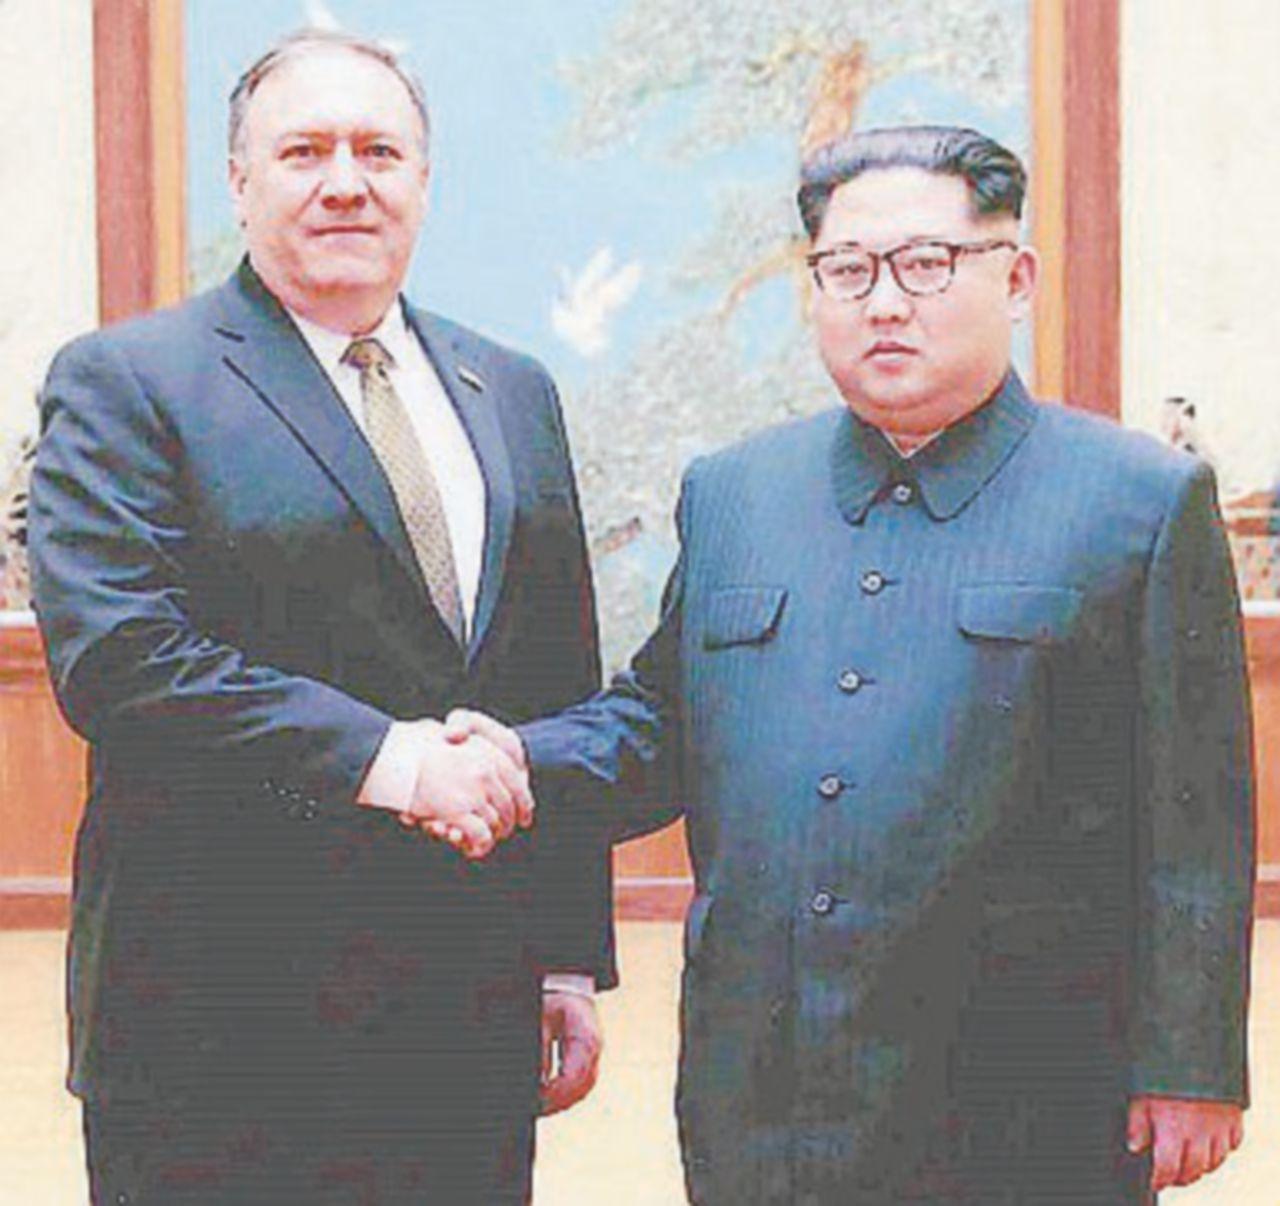 Kim incontra Pompeo e libera tre ostaggi statunitensi